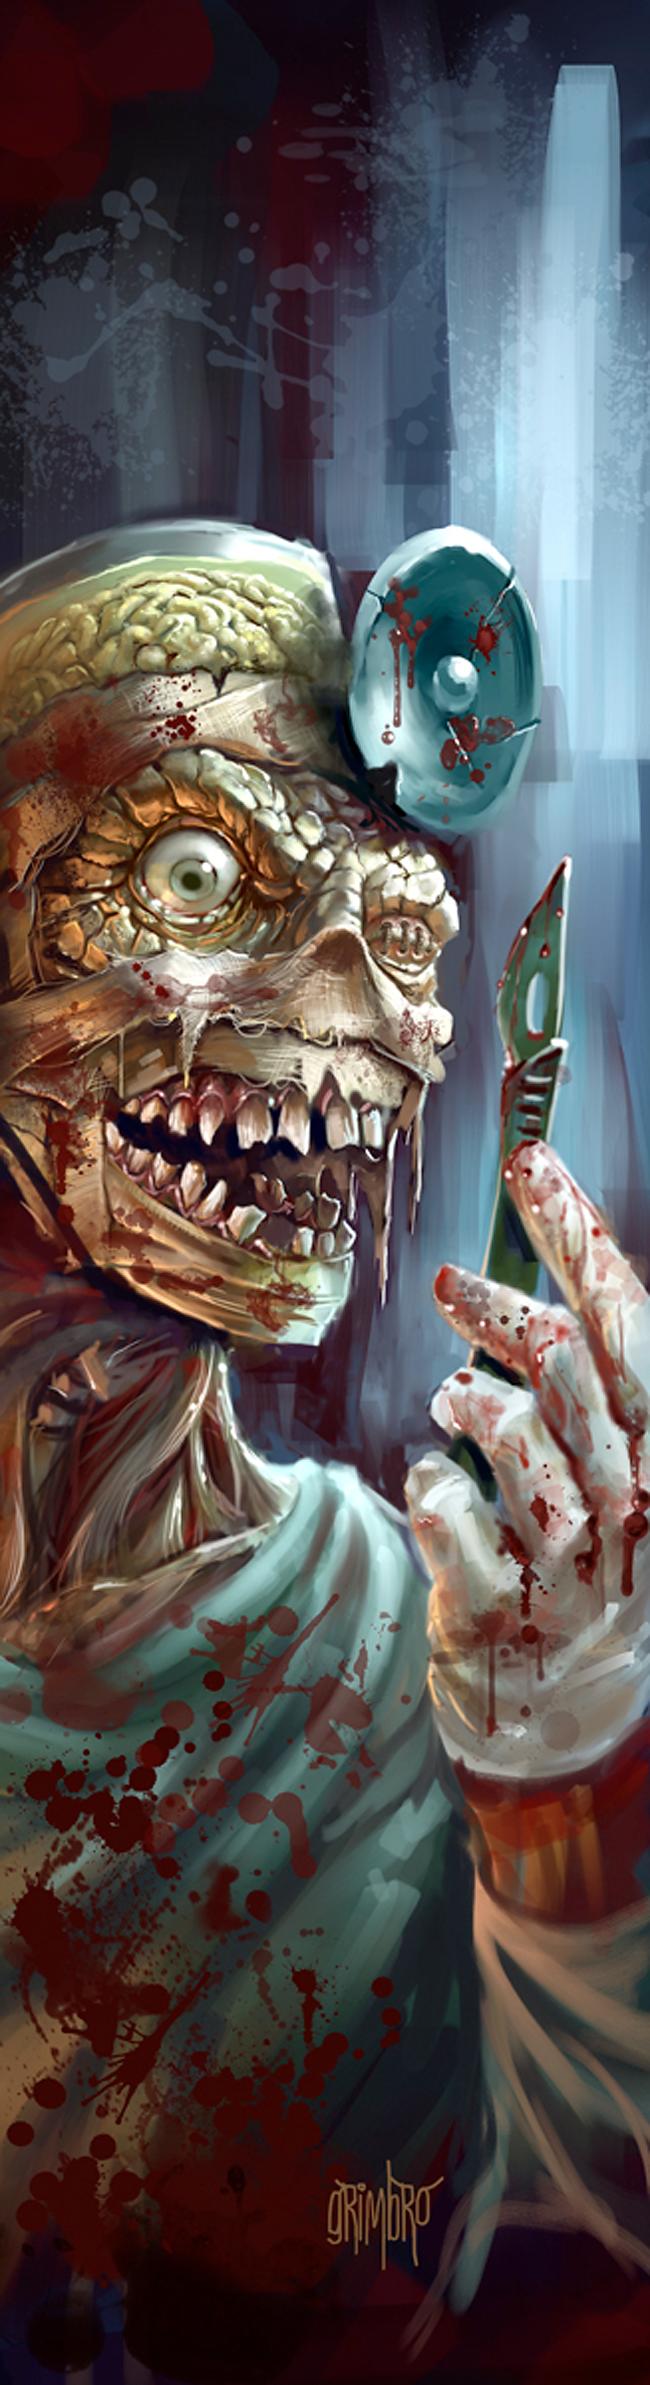 Grimbro - Dr Cyclops